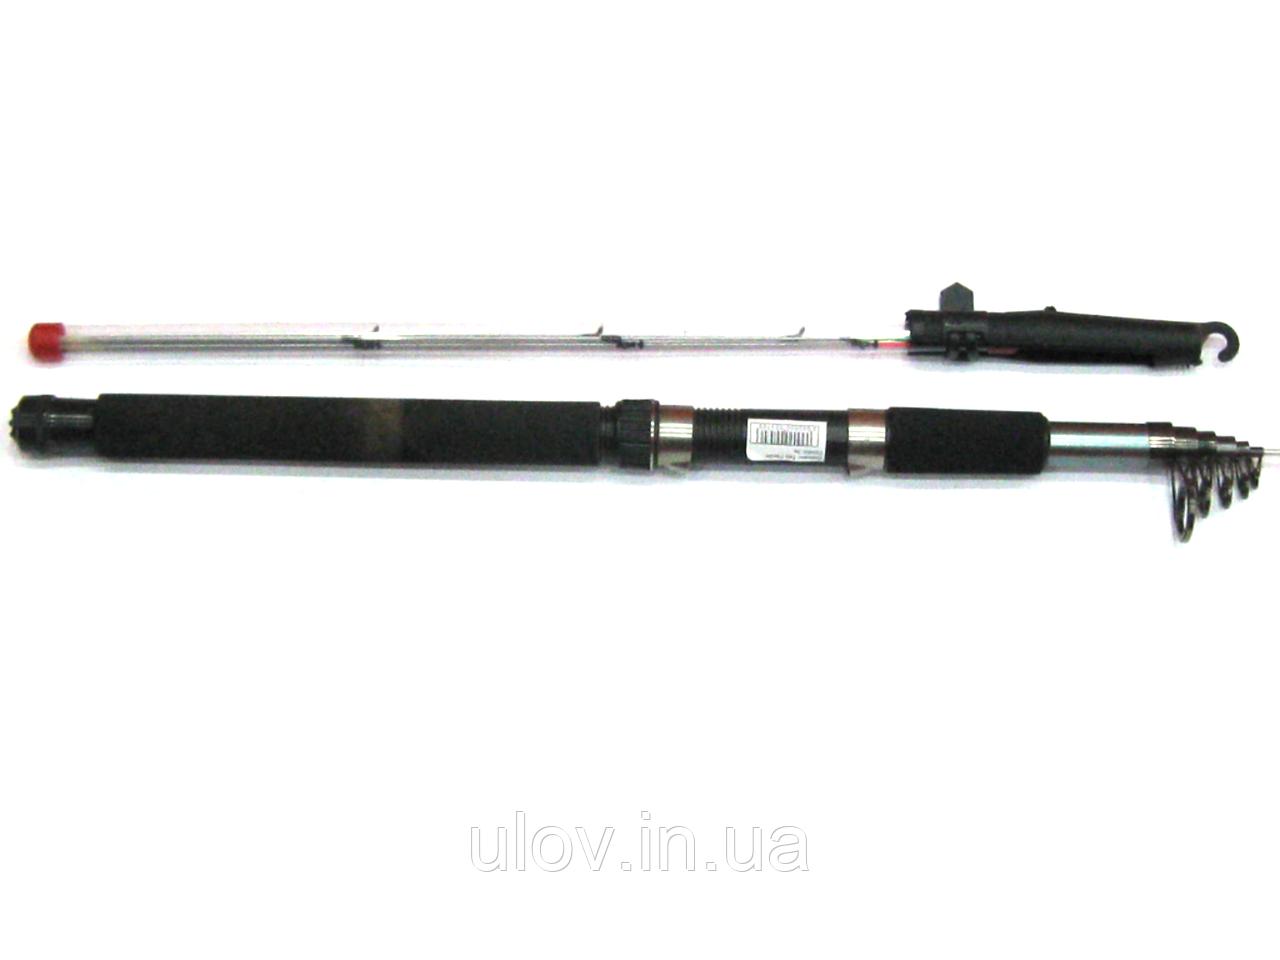 Фидерное удилище EOS Combat Tele Feeder 2,7 м 40-80 гр